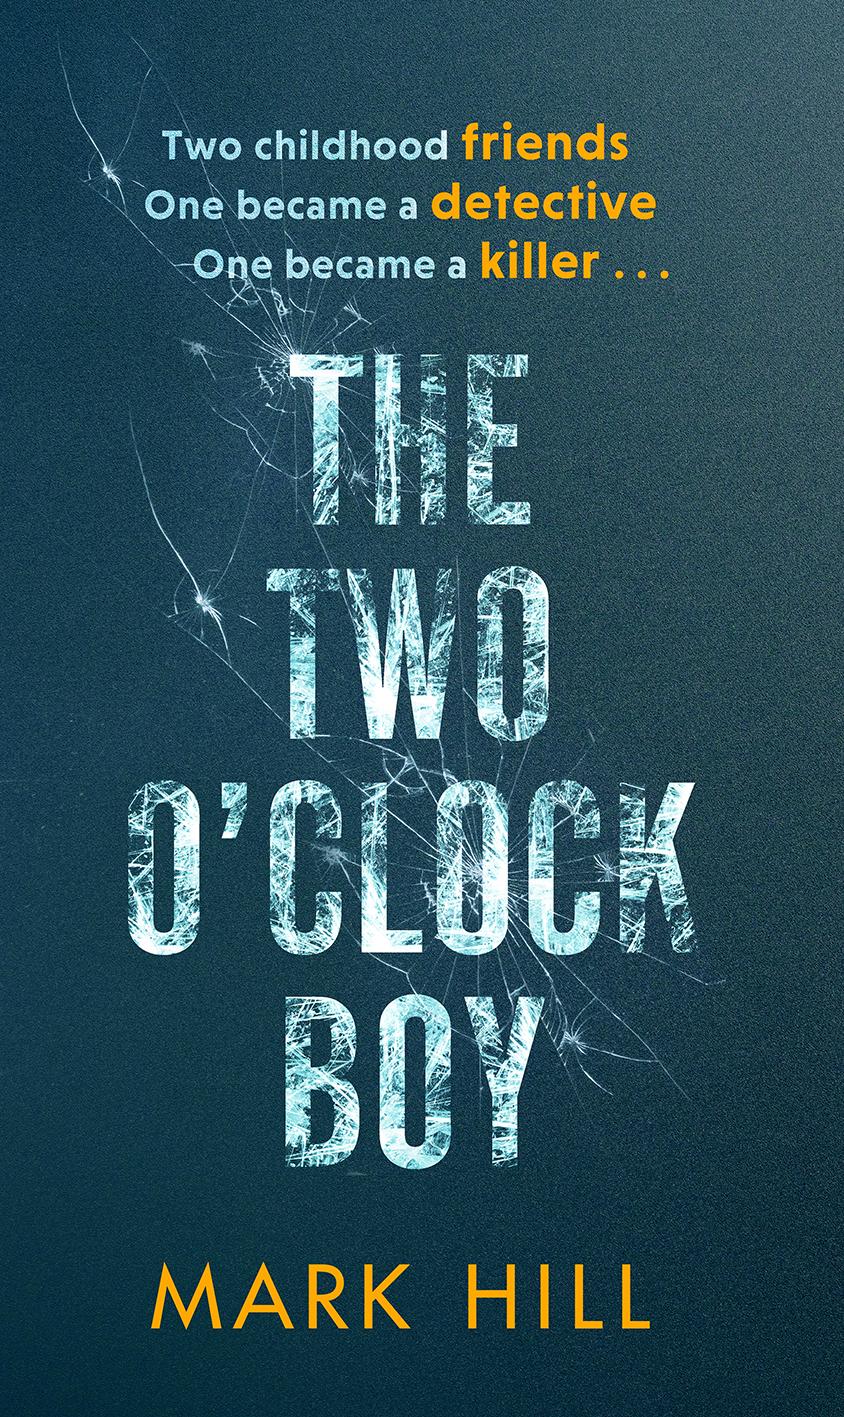 twoclockboyED2